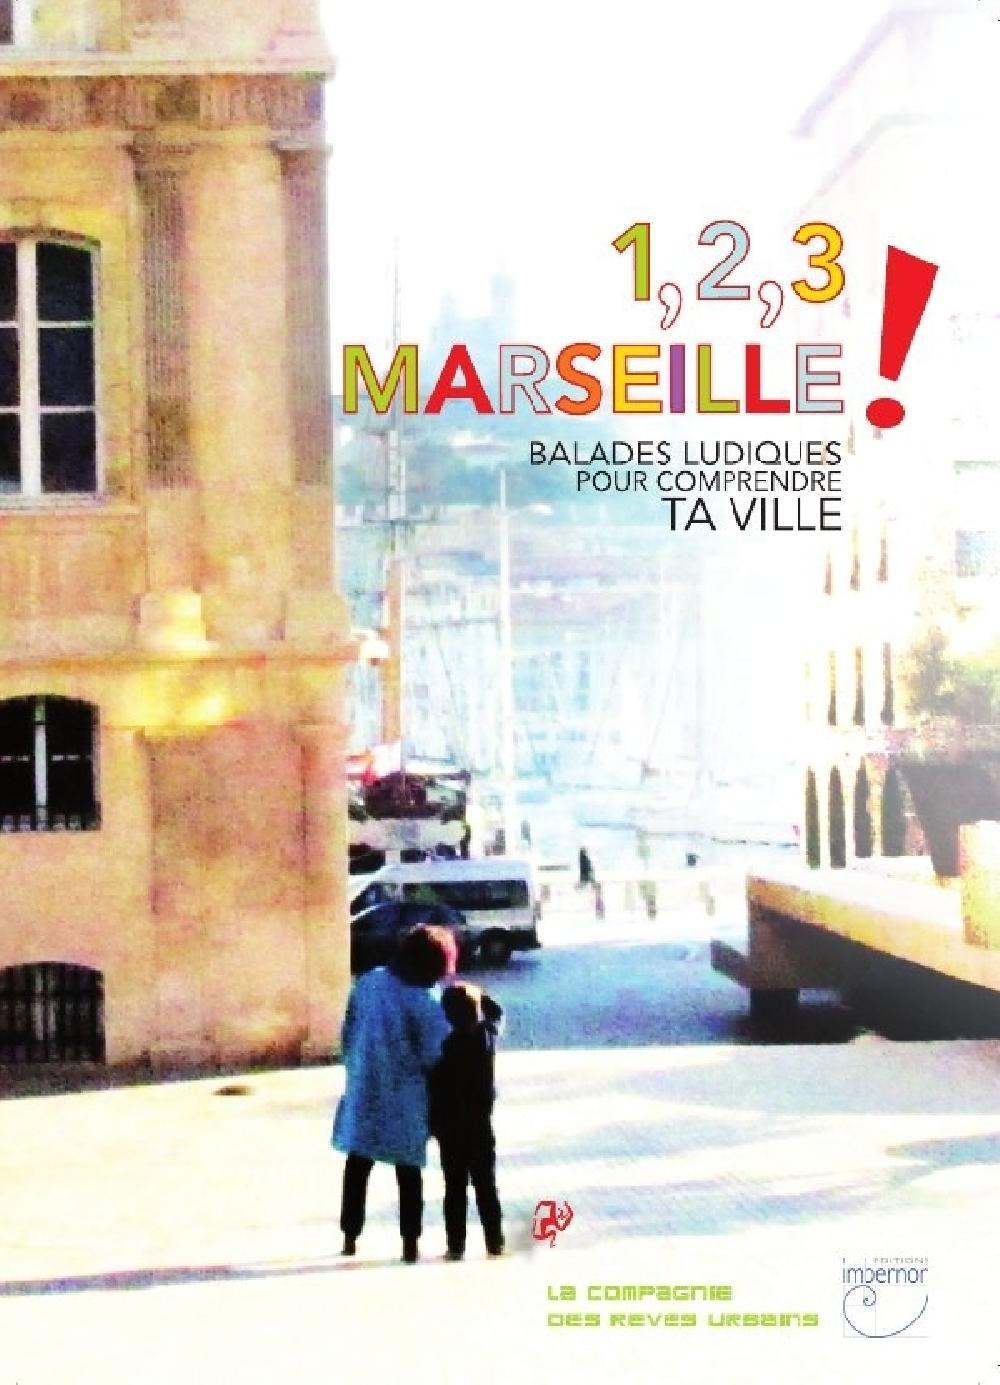 1, 2, 3 Marseille !